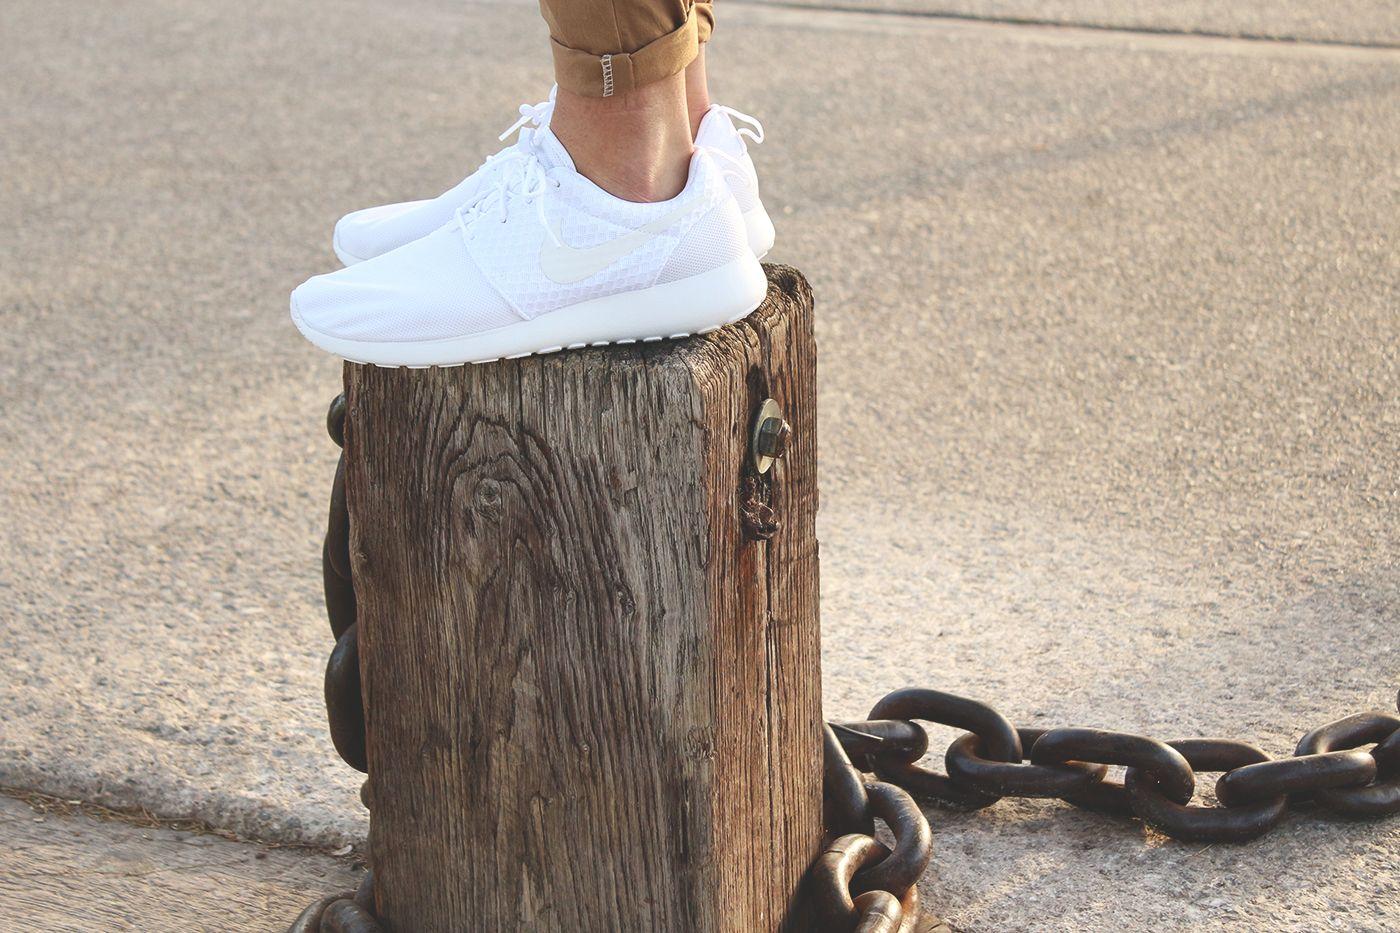 roshe run blanche foot locker